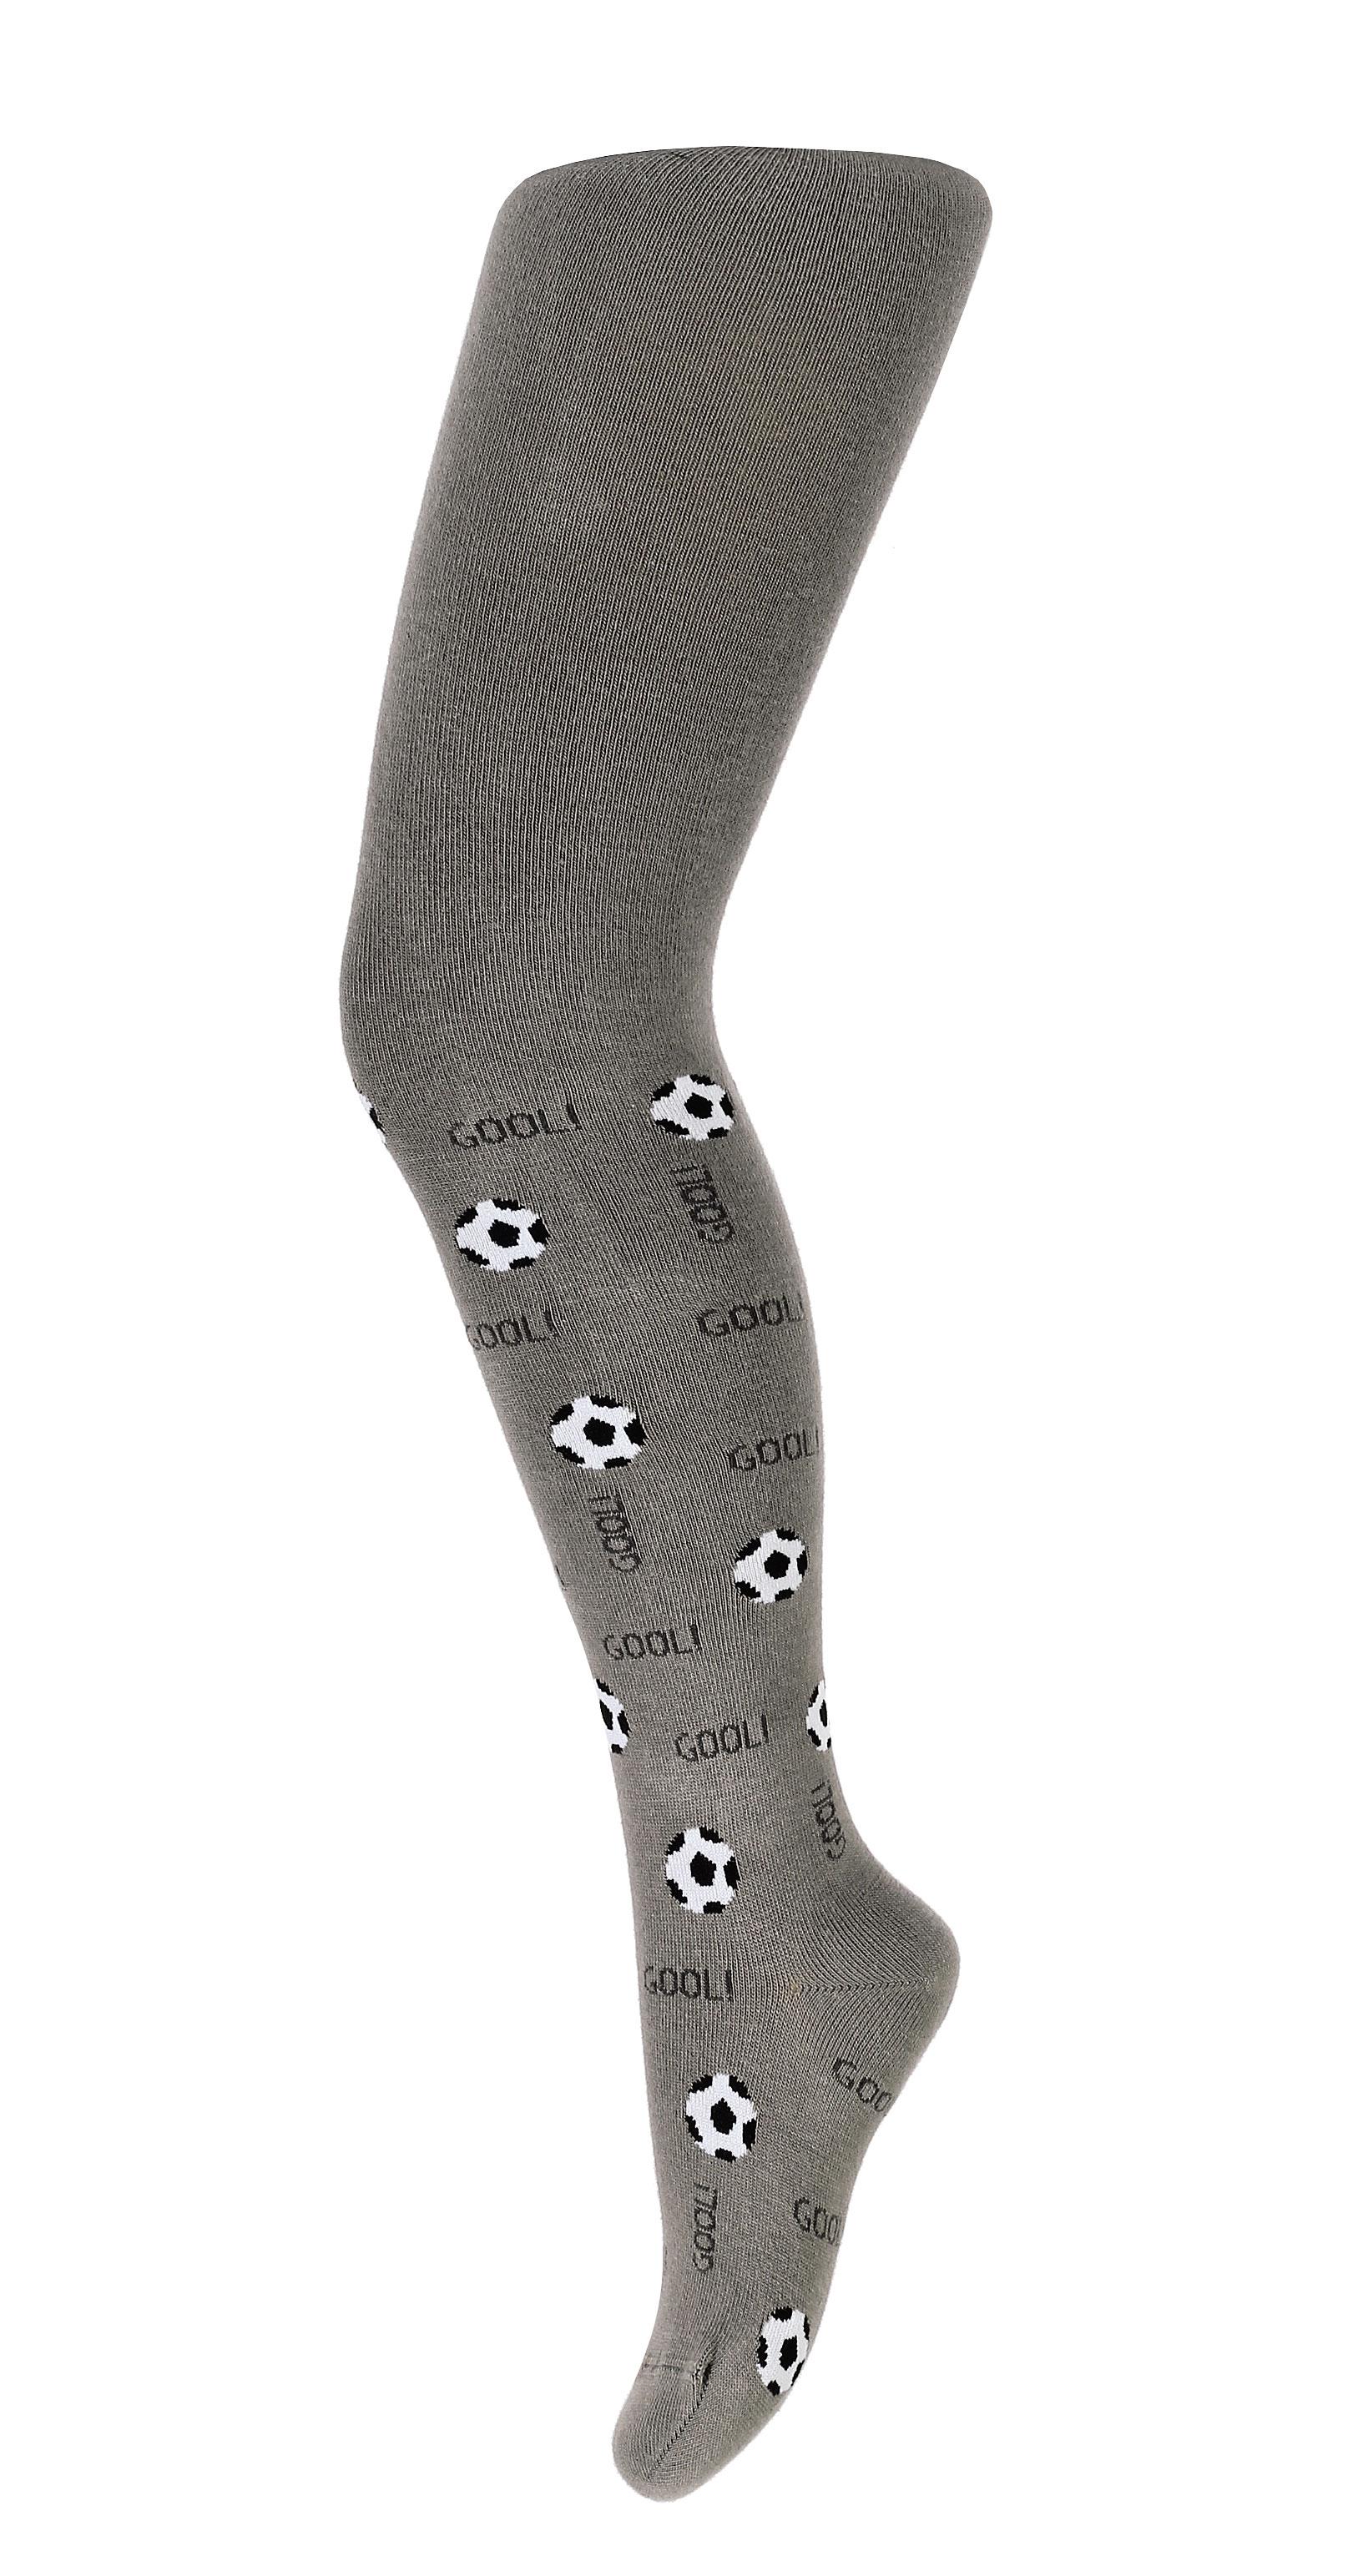 Vzorované chlapecké punčocháče WOLA FOTBALOVÉ MÍČE šedé Velikost: 128-134